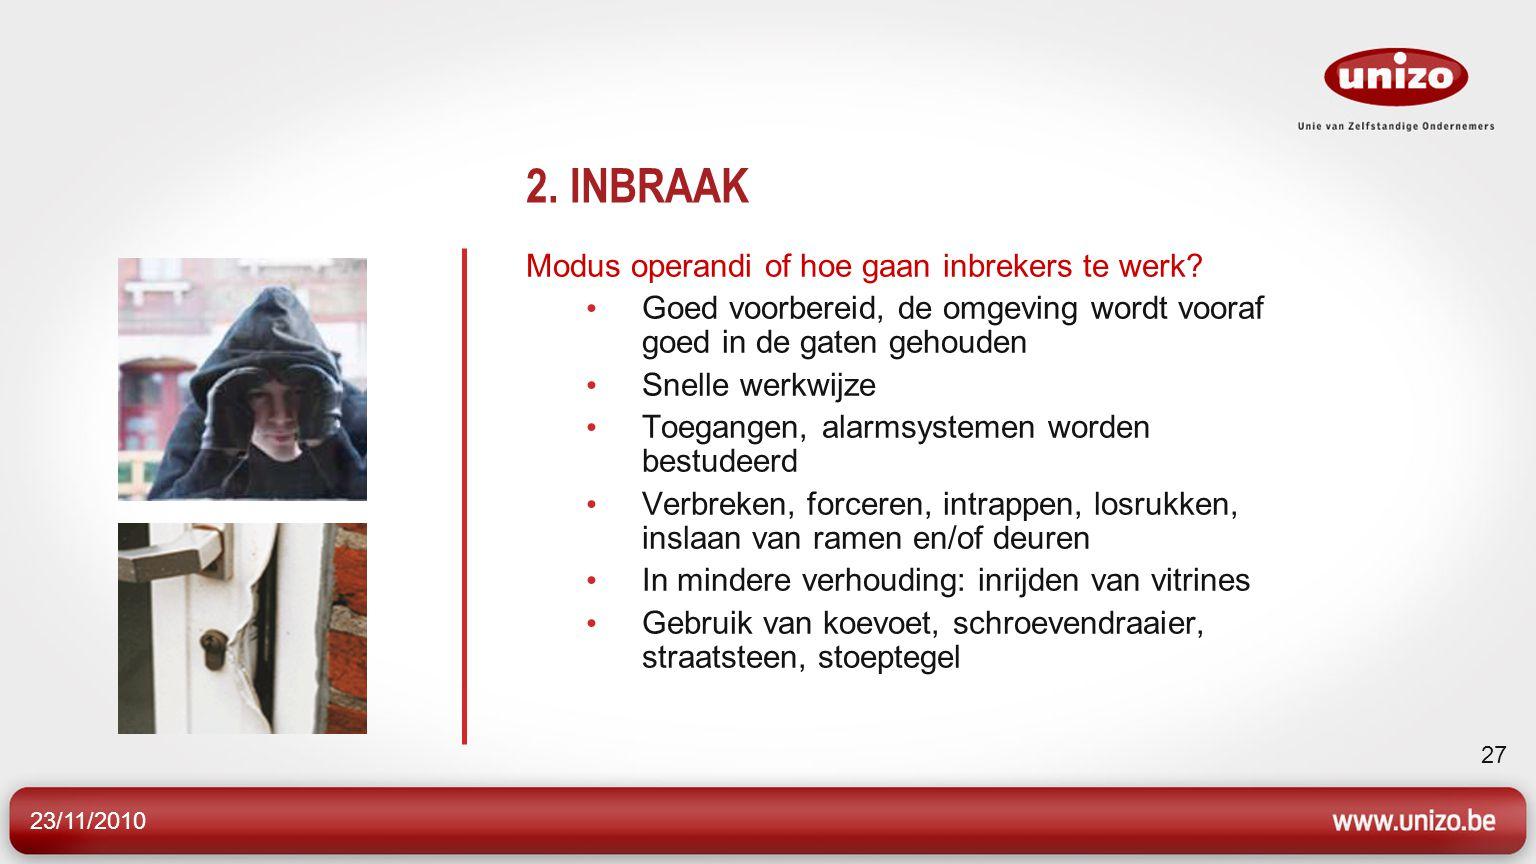 2. INBRAAK Modus operandi of hoe gaan inbrekers te werk